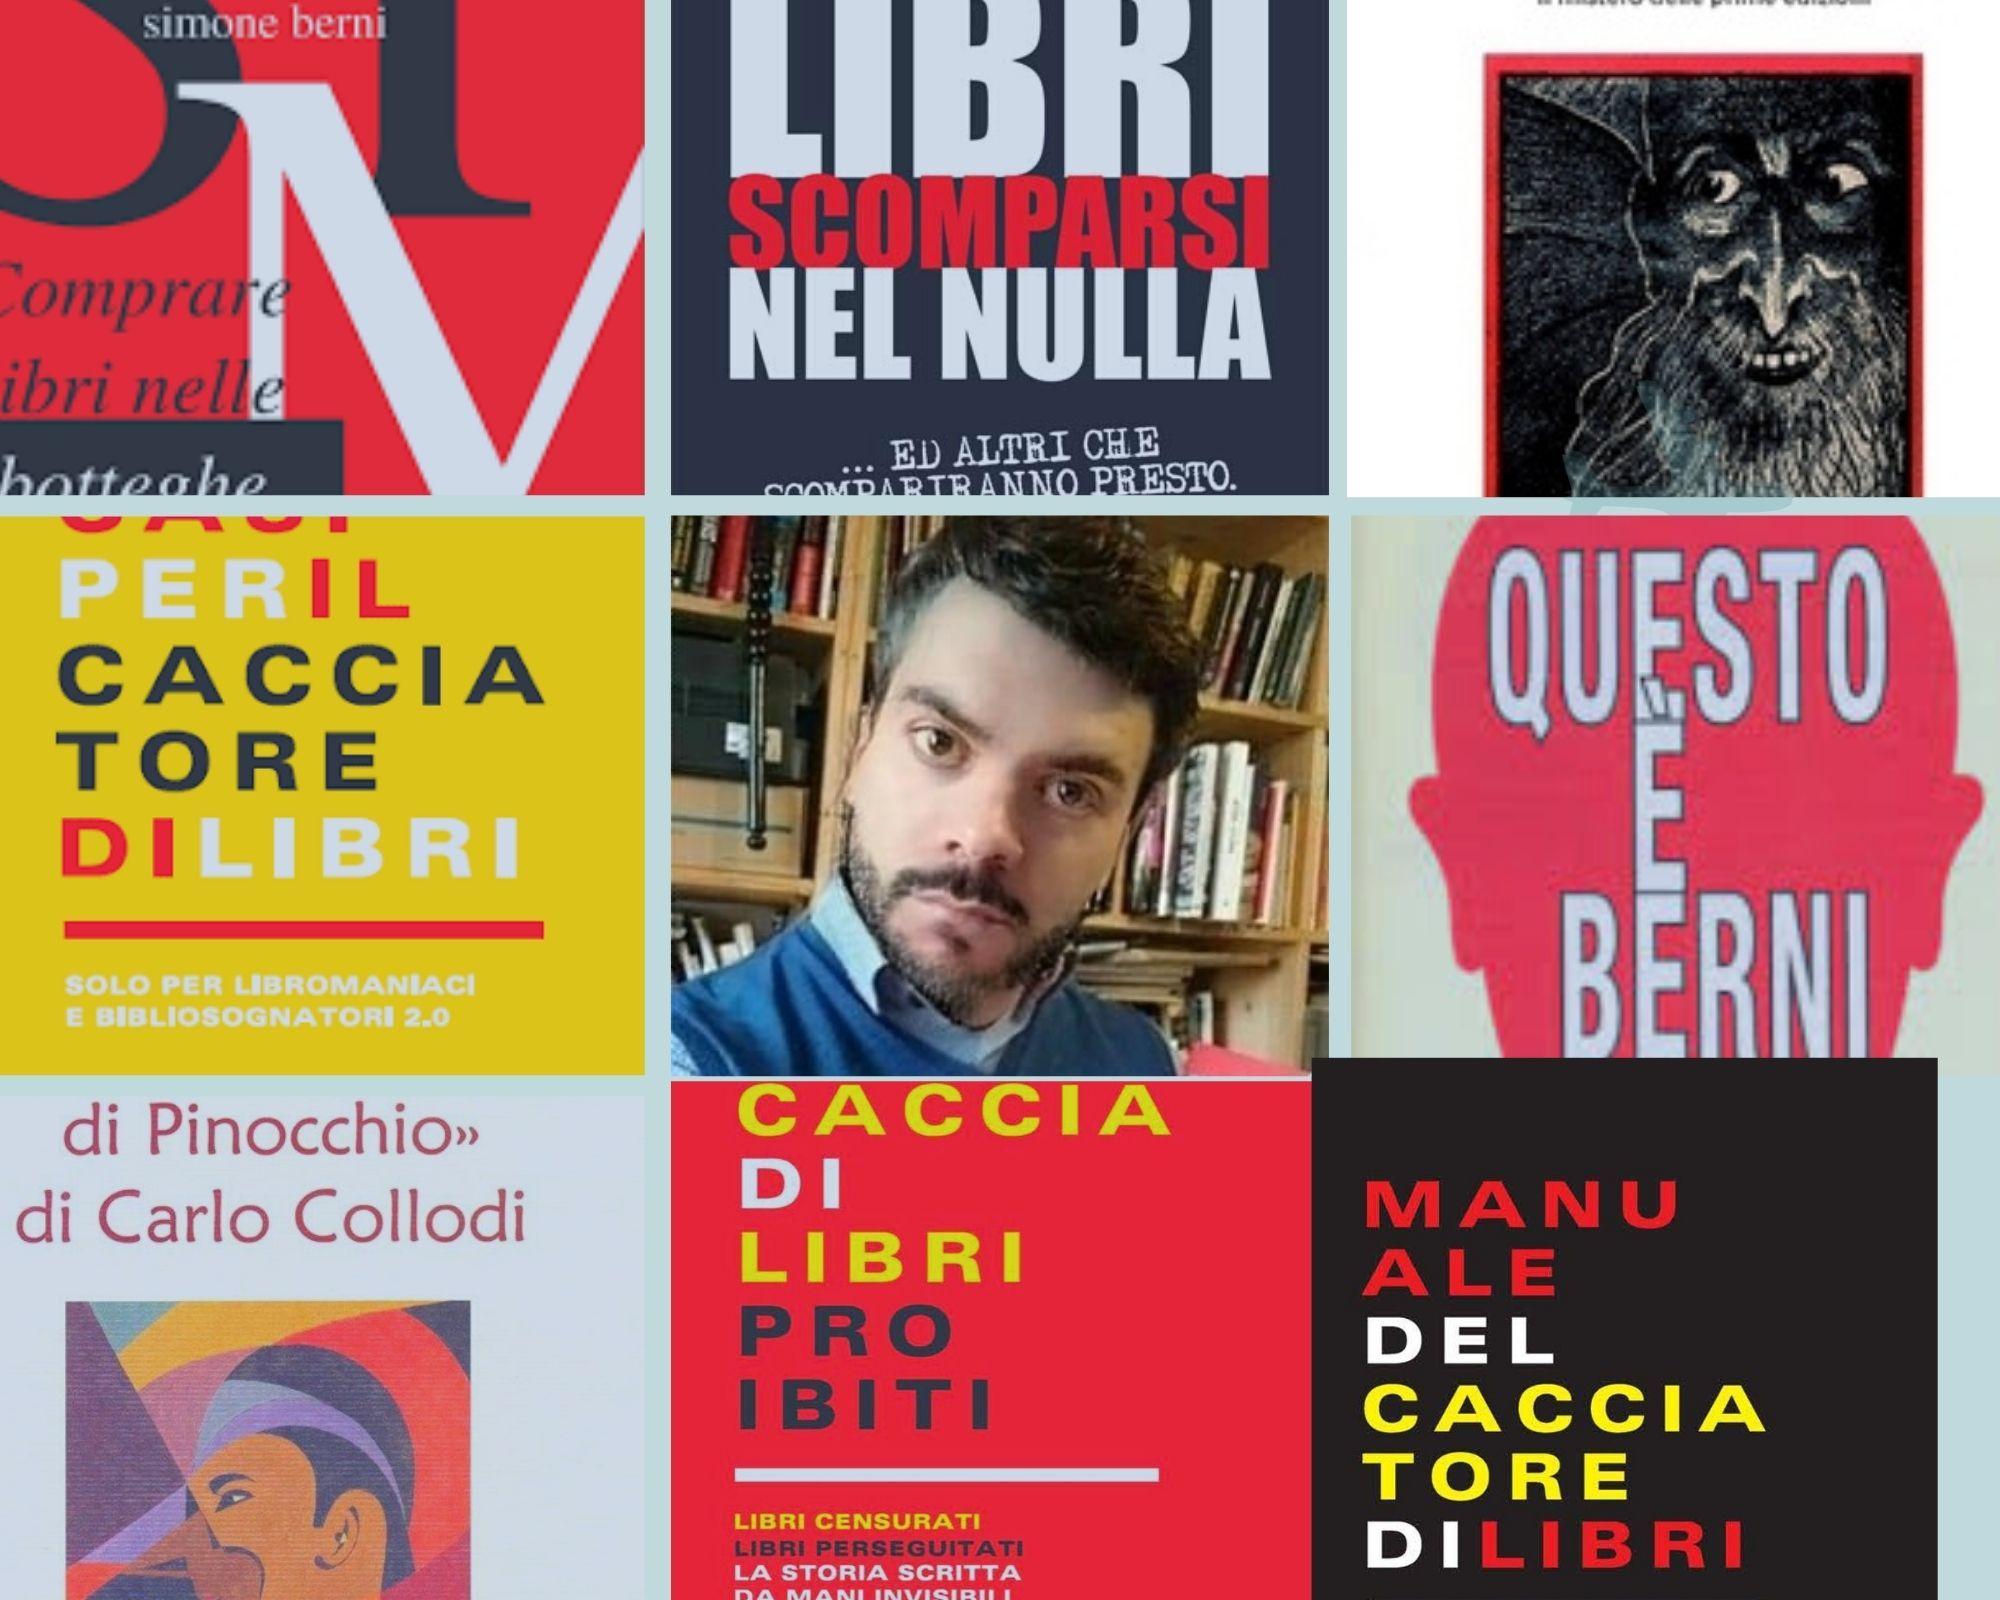 Libri di Simone Berni: disponibilità (sempre aggiornato)